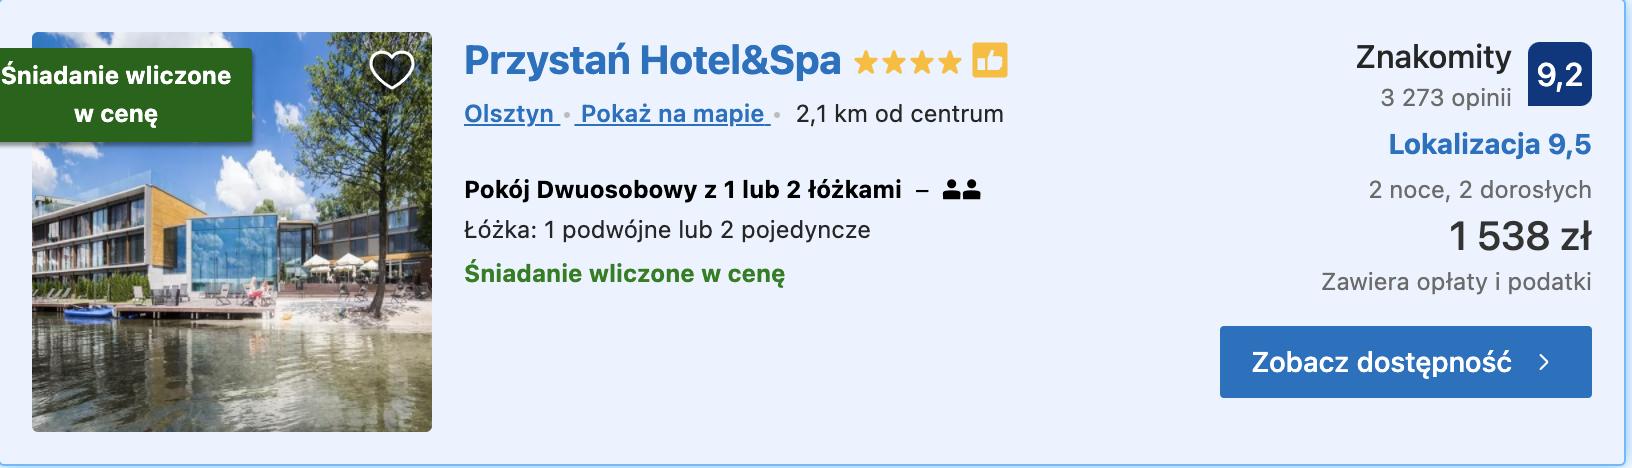 Olsztyn Przystan weekend